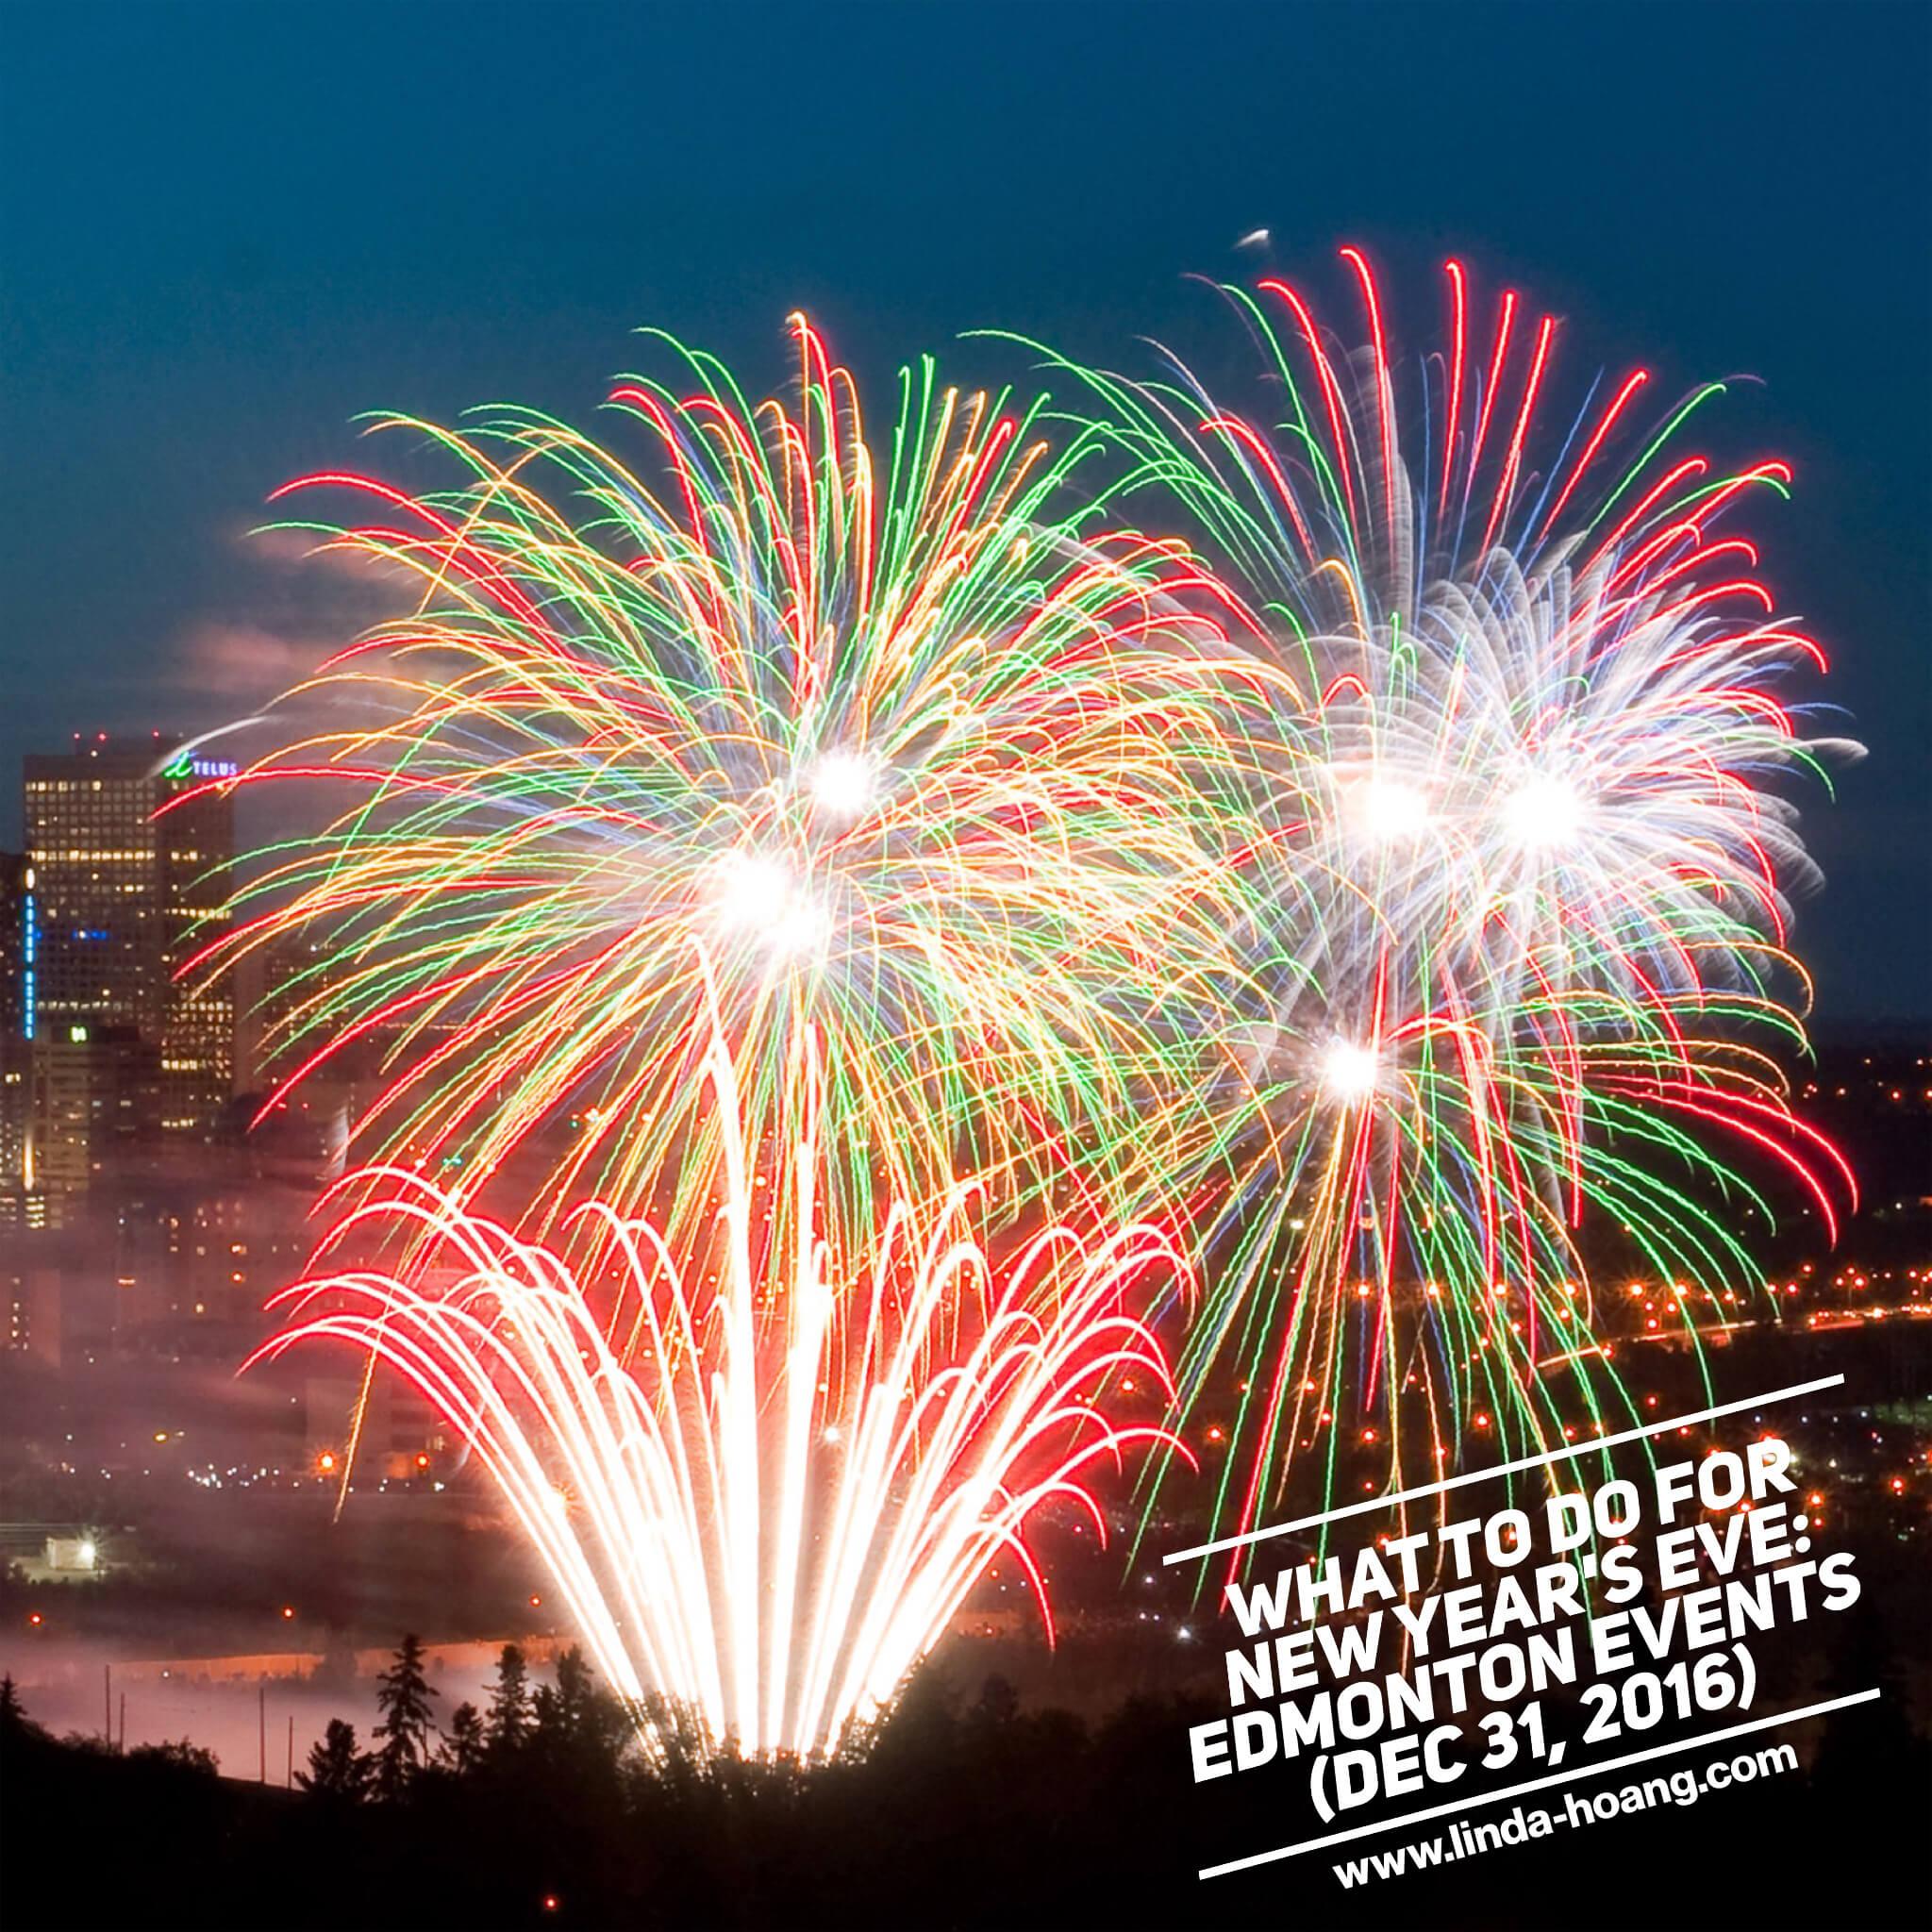 Edmonton Events New Years Eve